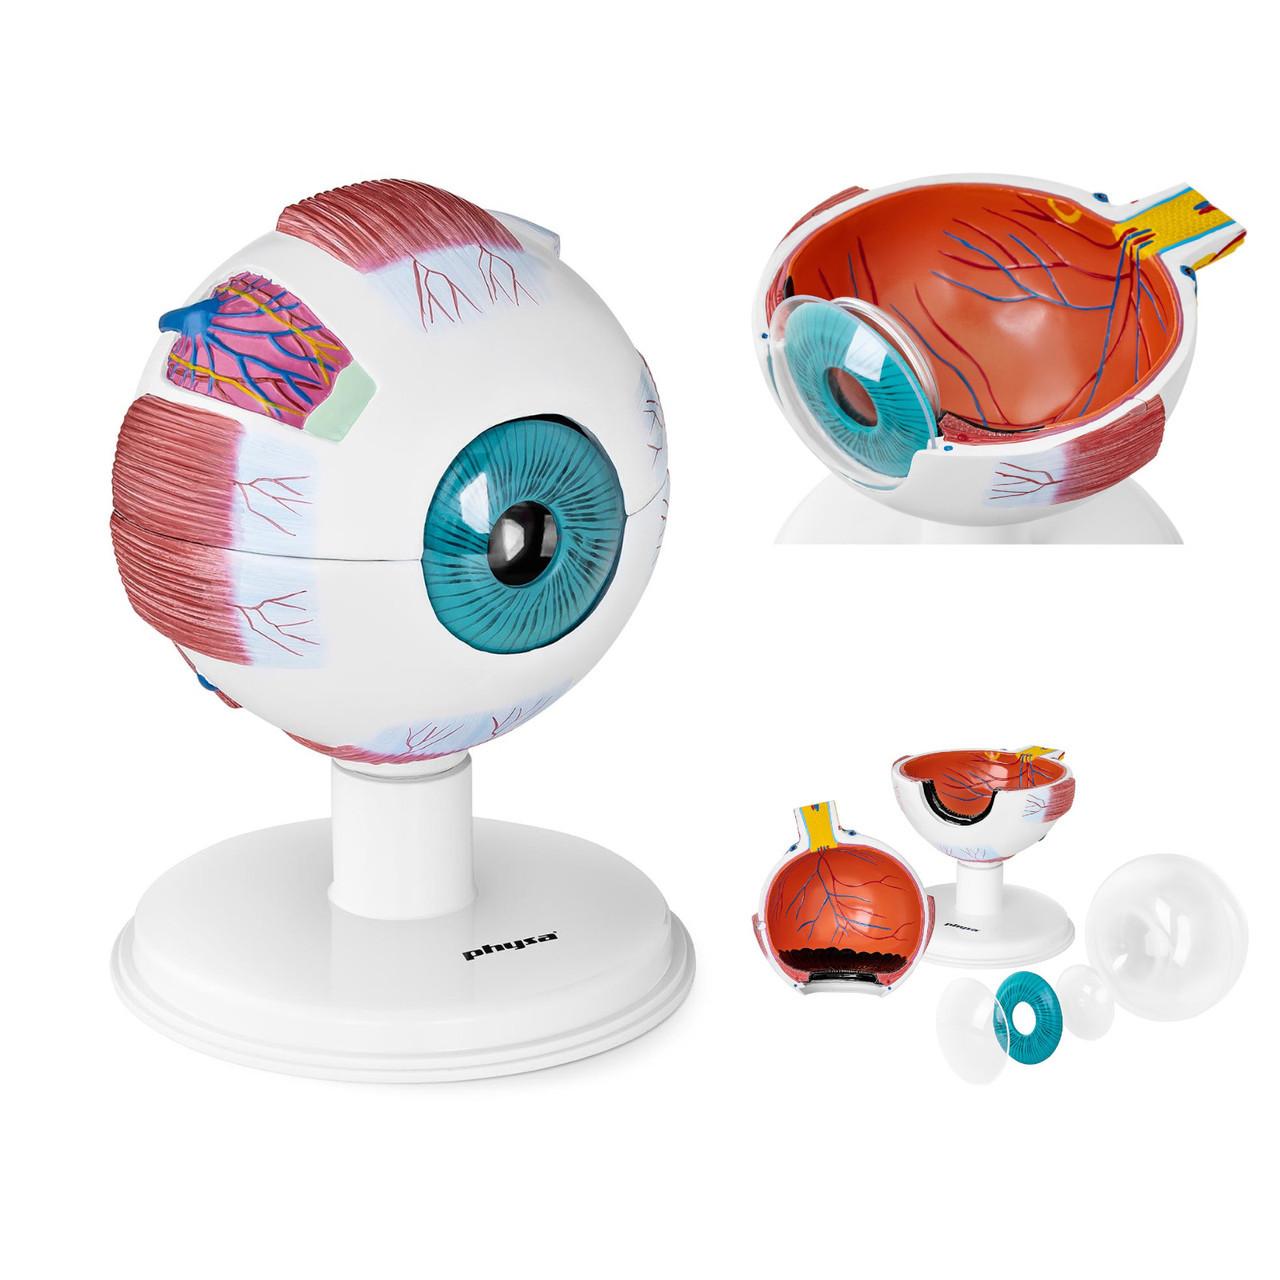 Анатомические модели человеческого глаза из элементов глаз 6:1